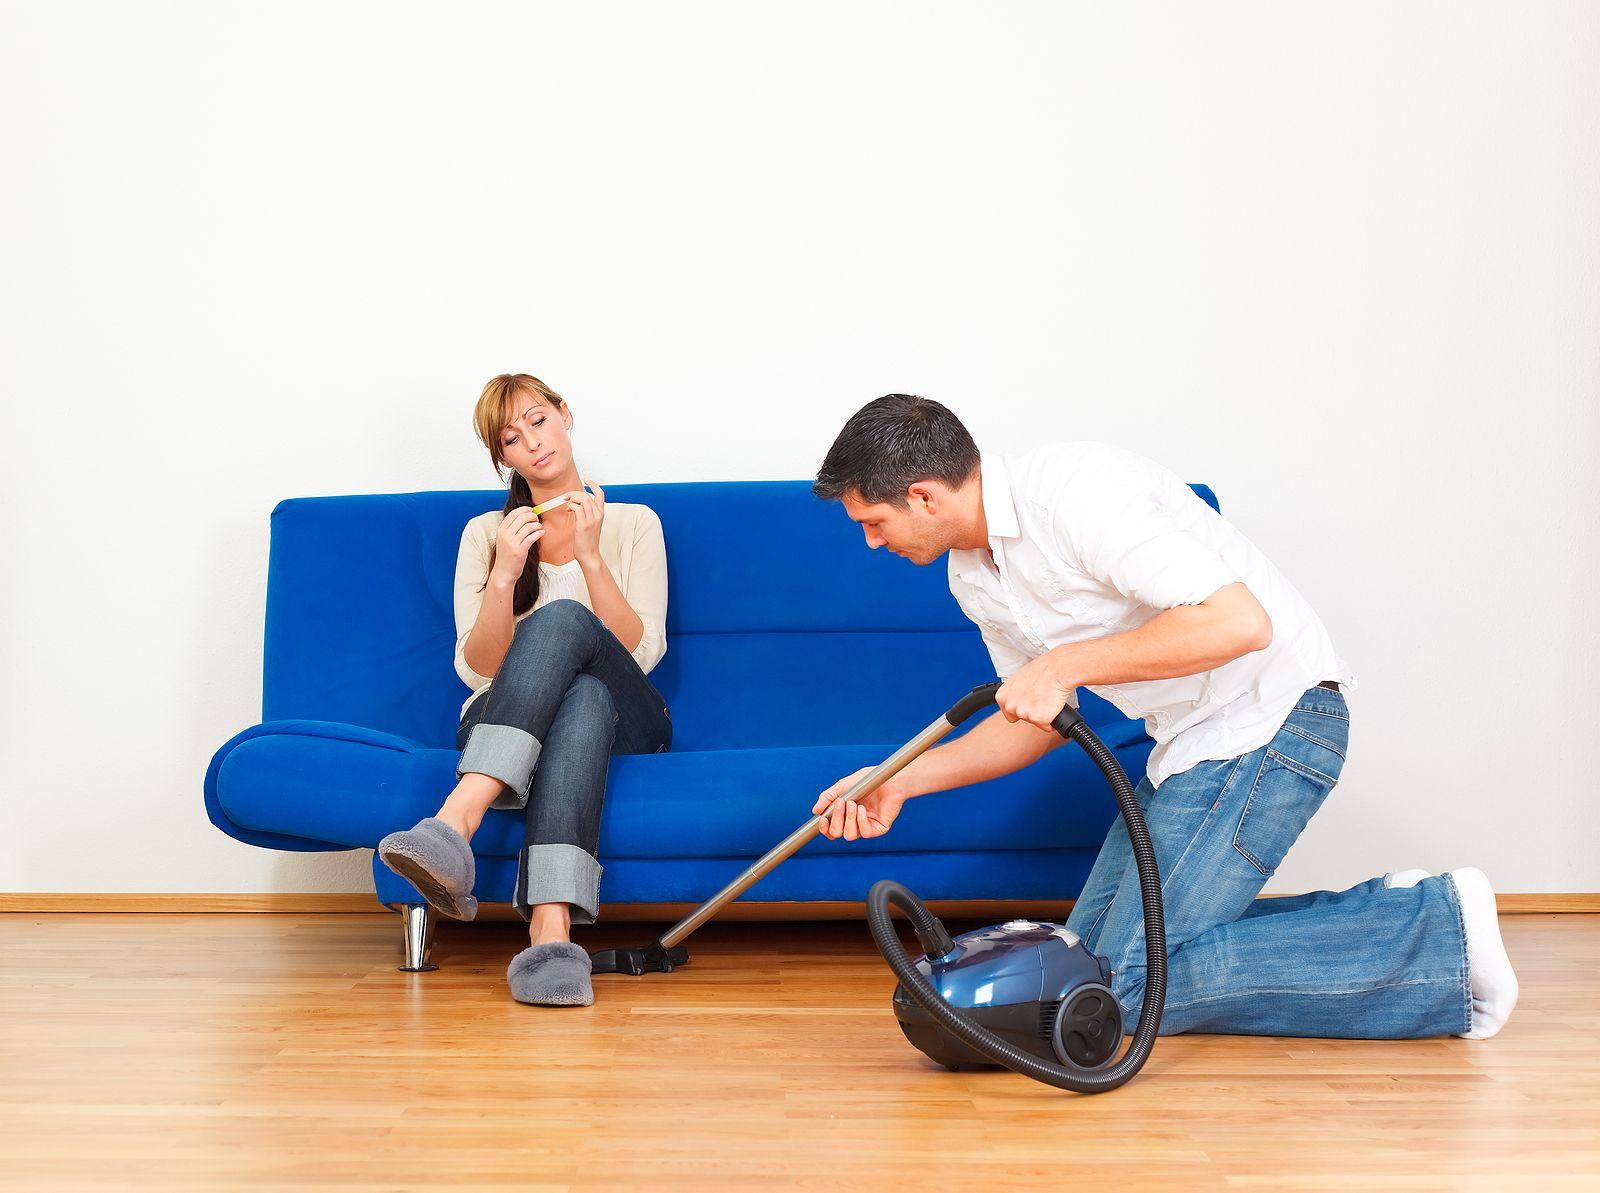 Картинка прикольная муж делает уборку, смех картинки